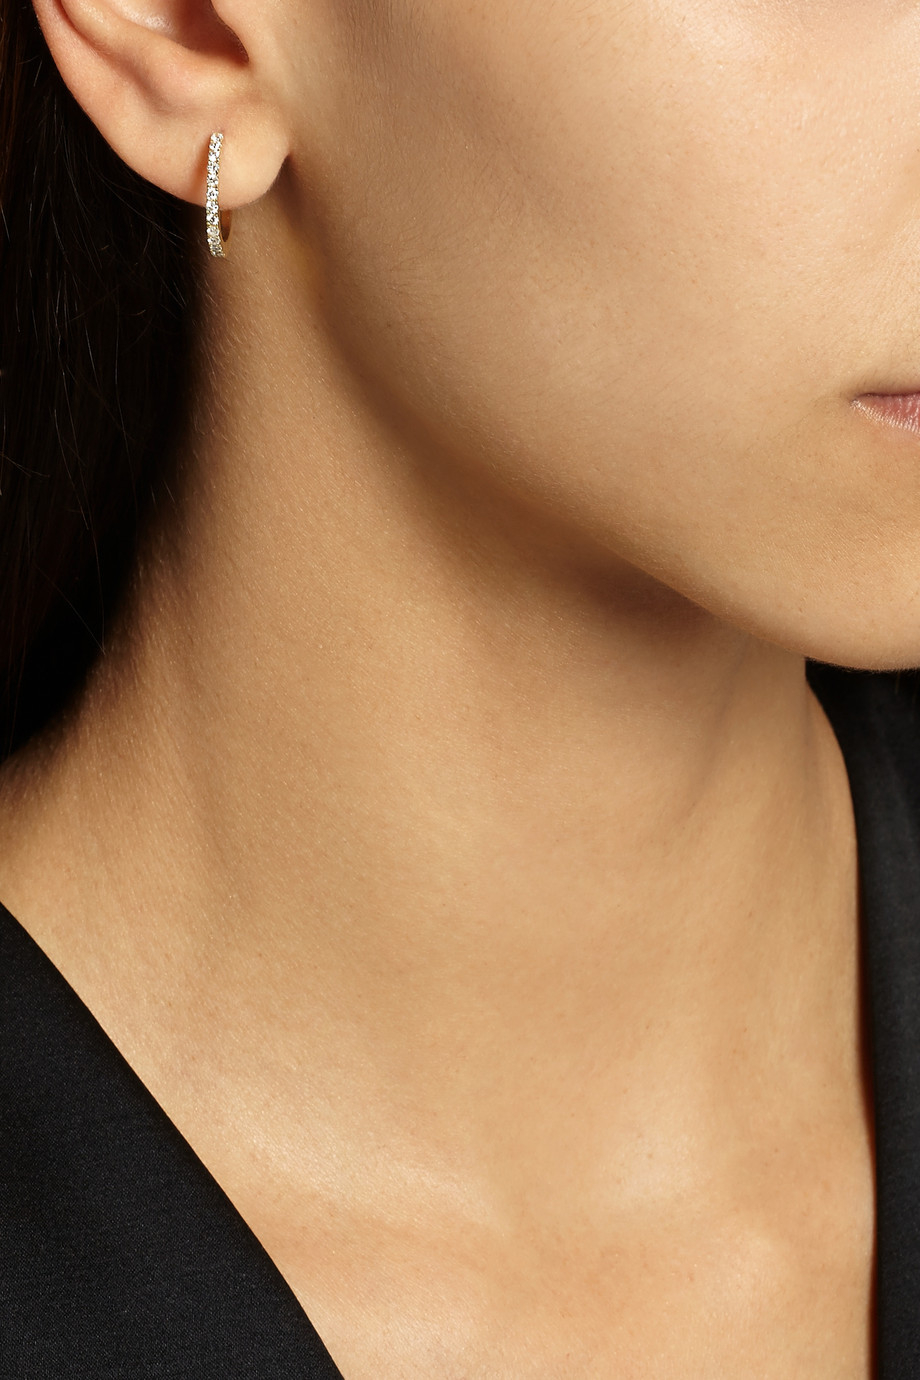 5b5cf94c9e5ad Jennifer Meyer Hoop Earrings - The Best Produck Of Earring